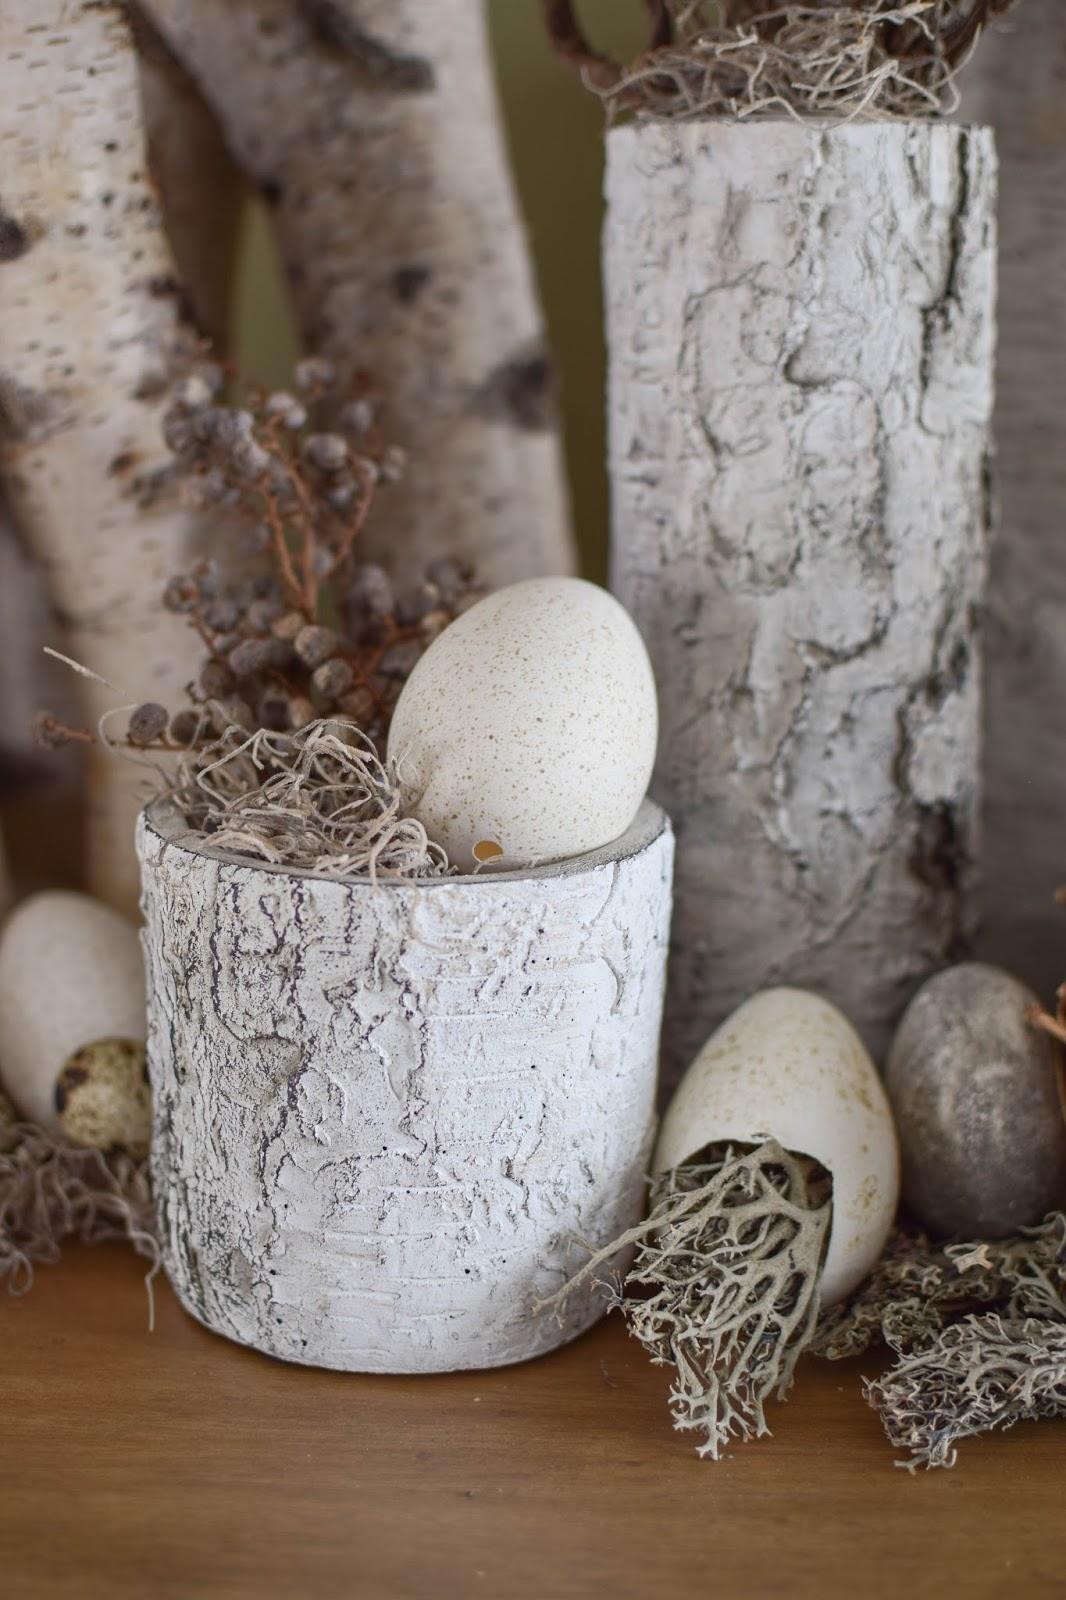 DIY Osterdeko Deko mit Eier Feder Moos selbermachen selbst gemacht: eine natürliche Deko Dekoidee